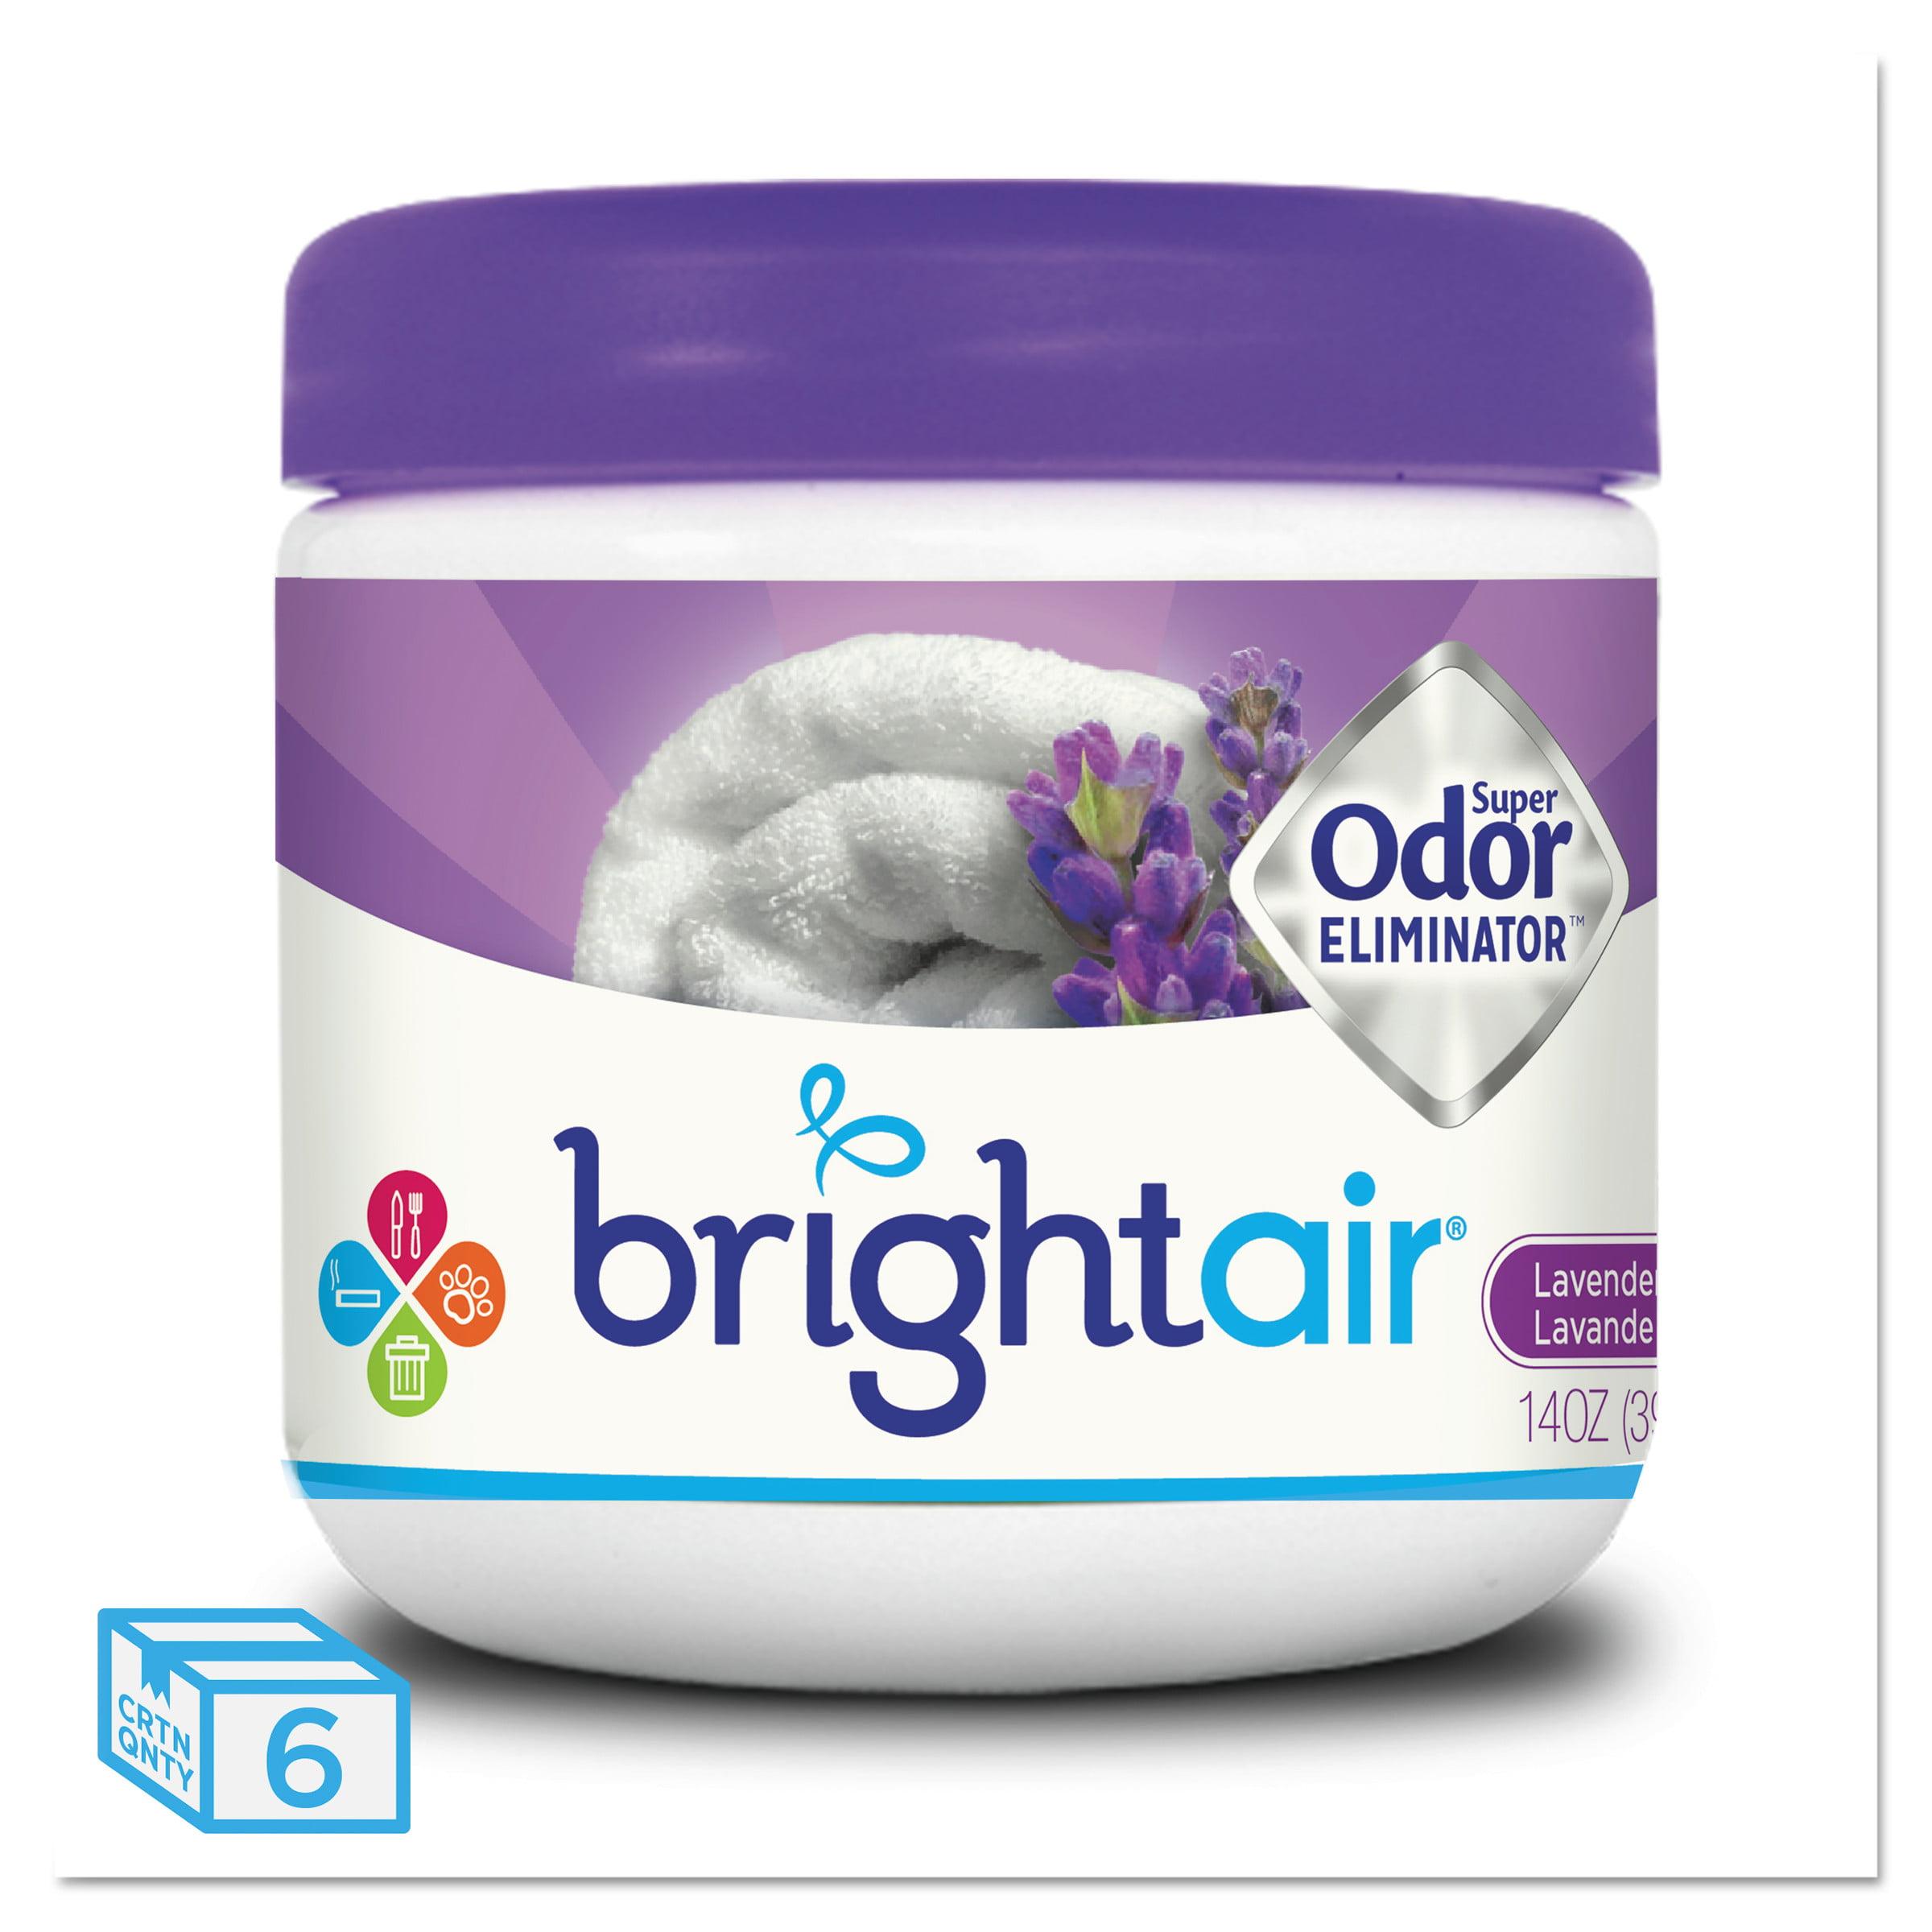 BRIGHT Air Super Odor Eliminator, Lavender and Fresh Linen, Purple, 14oz